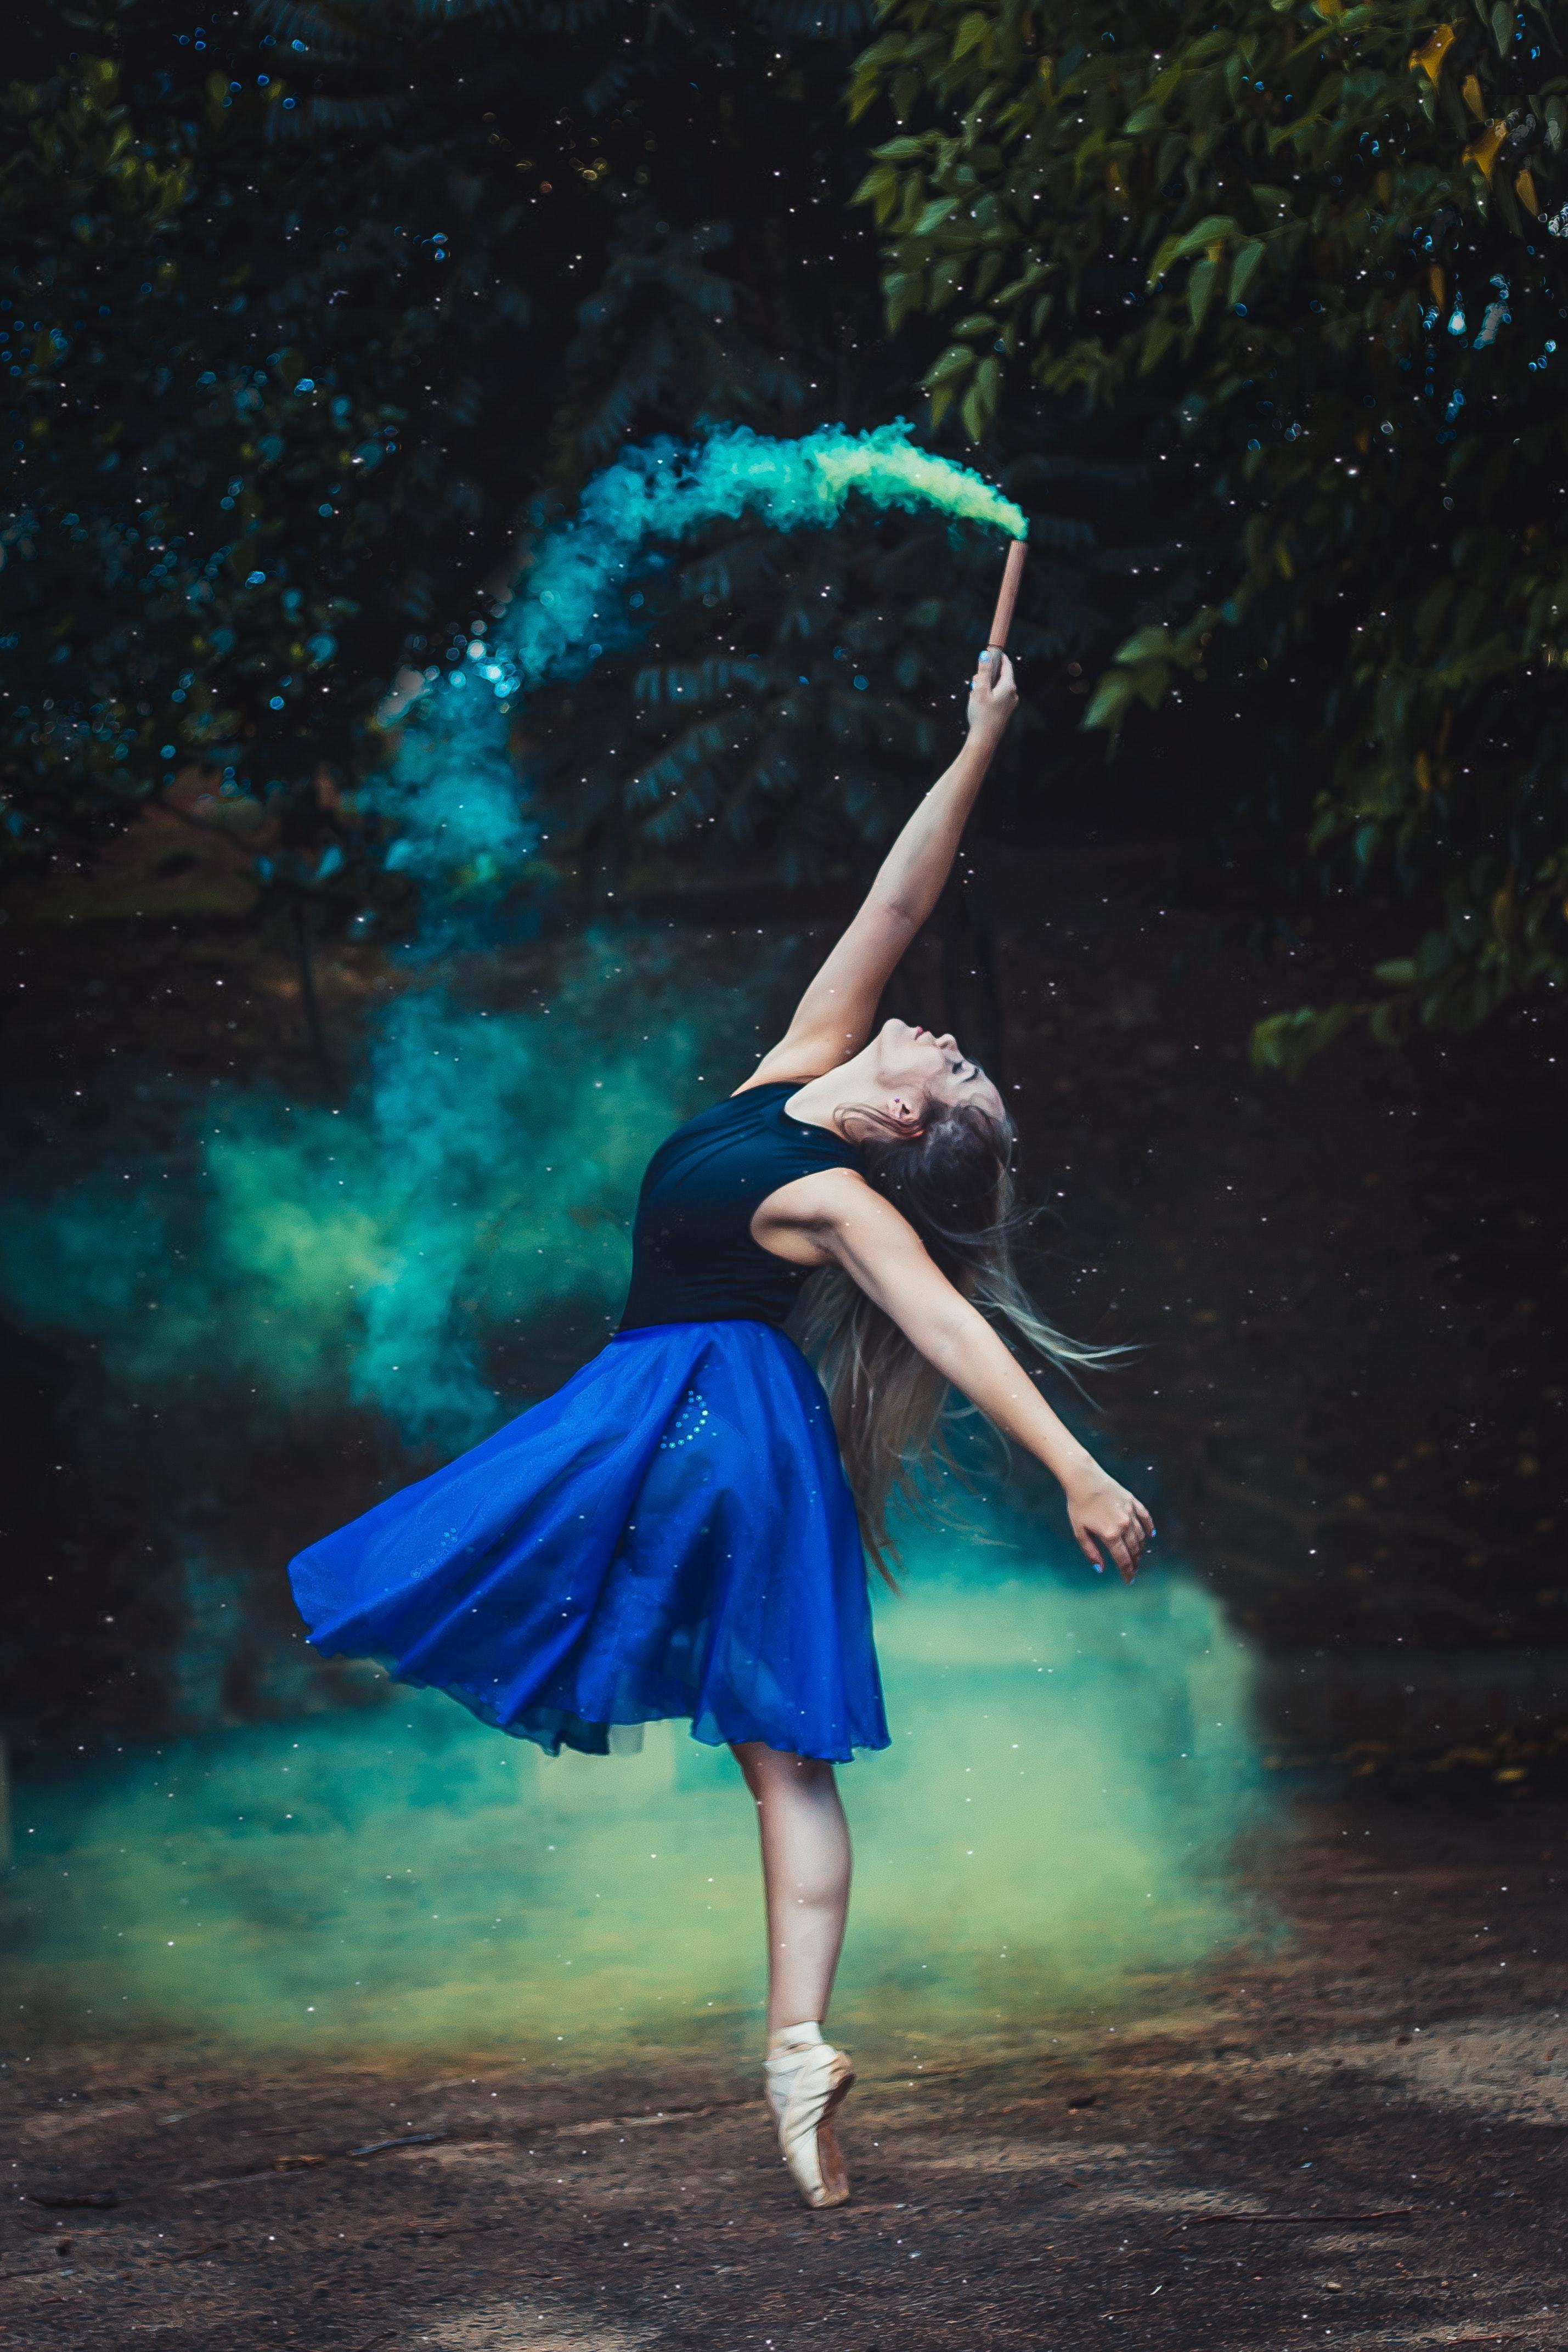 balance-ballerina-ballet-dancer-1886694.